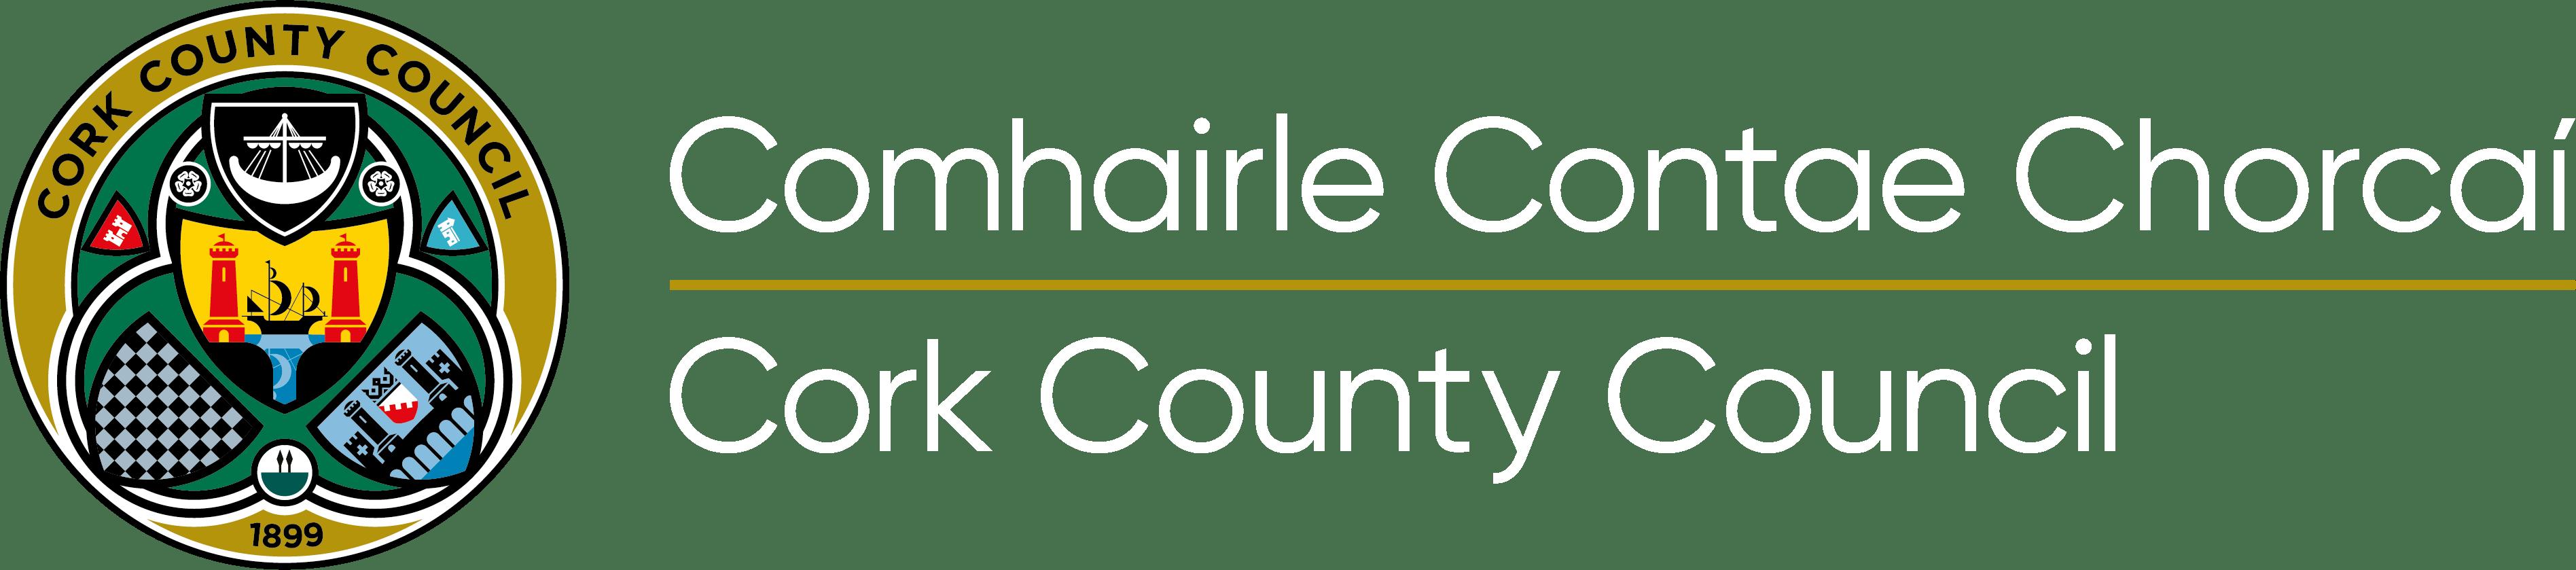 Cork County Council Logo